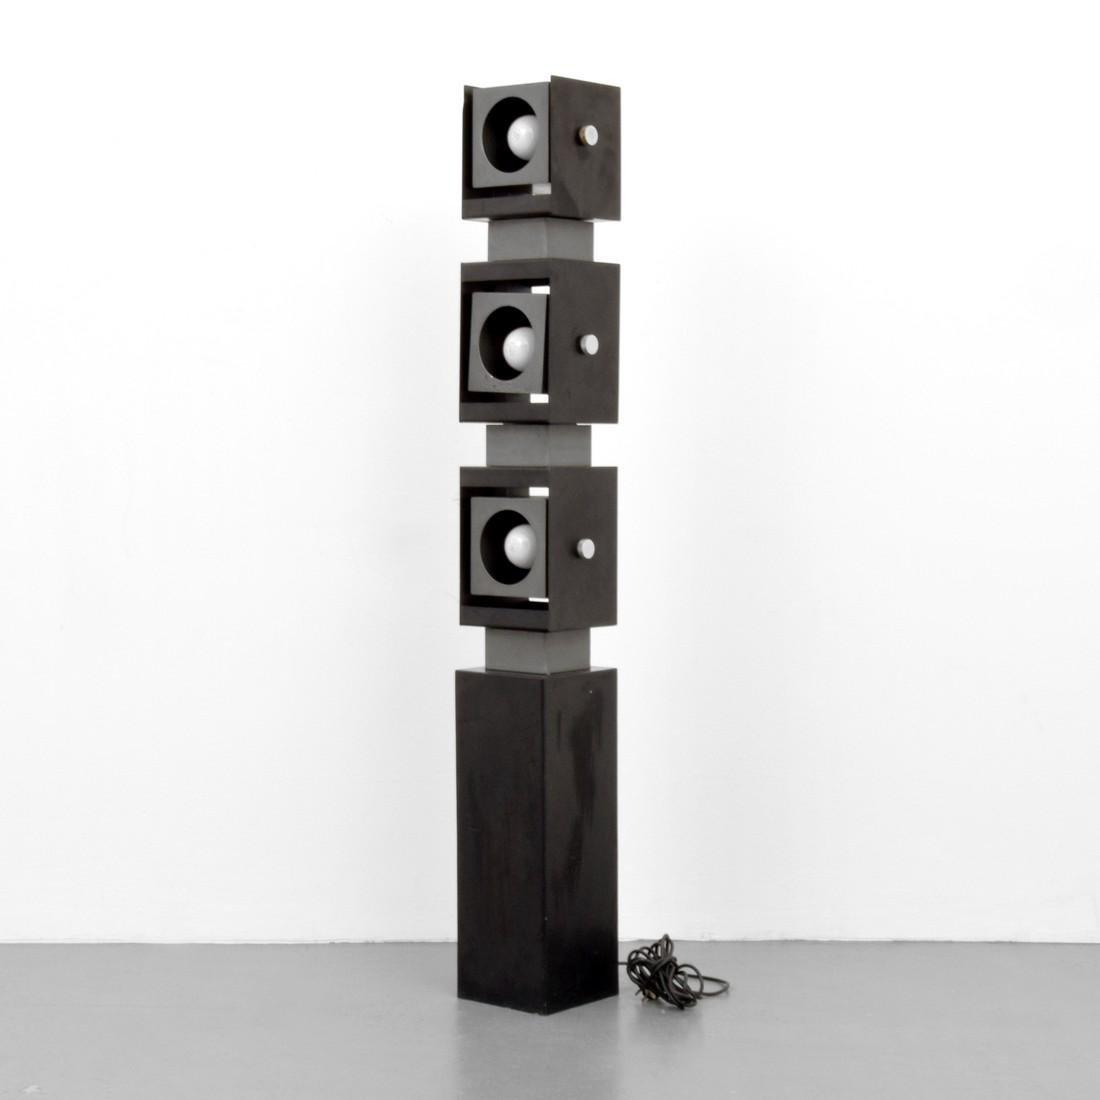 Irving Richards for Arteluce Swivel Floor Lamp - 7